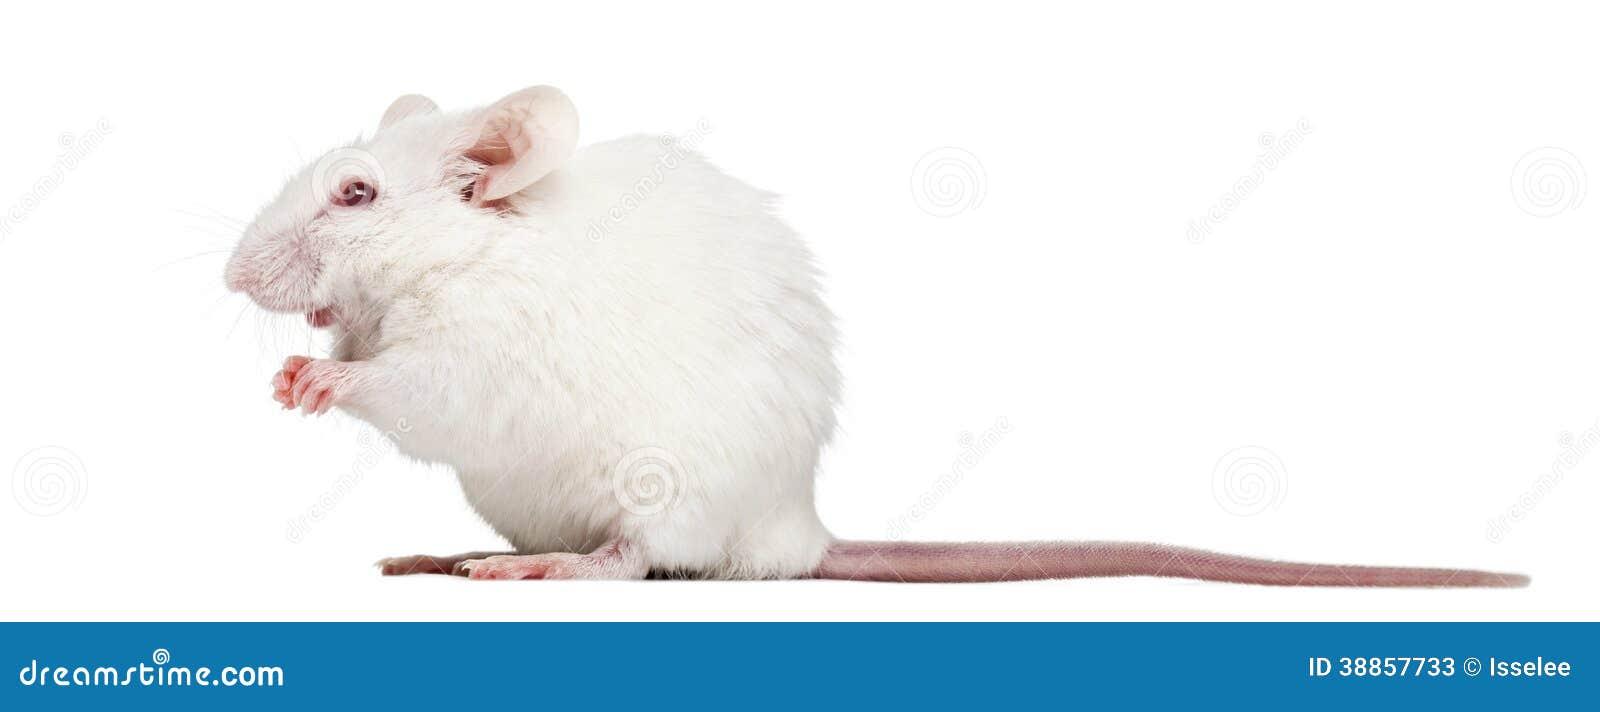 白��m�y�%9ke:f�9f�x�_白变种白色老鼠开会的侧视图, mus肌肉,隔绝在白色.